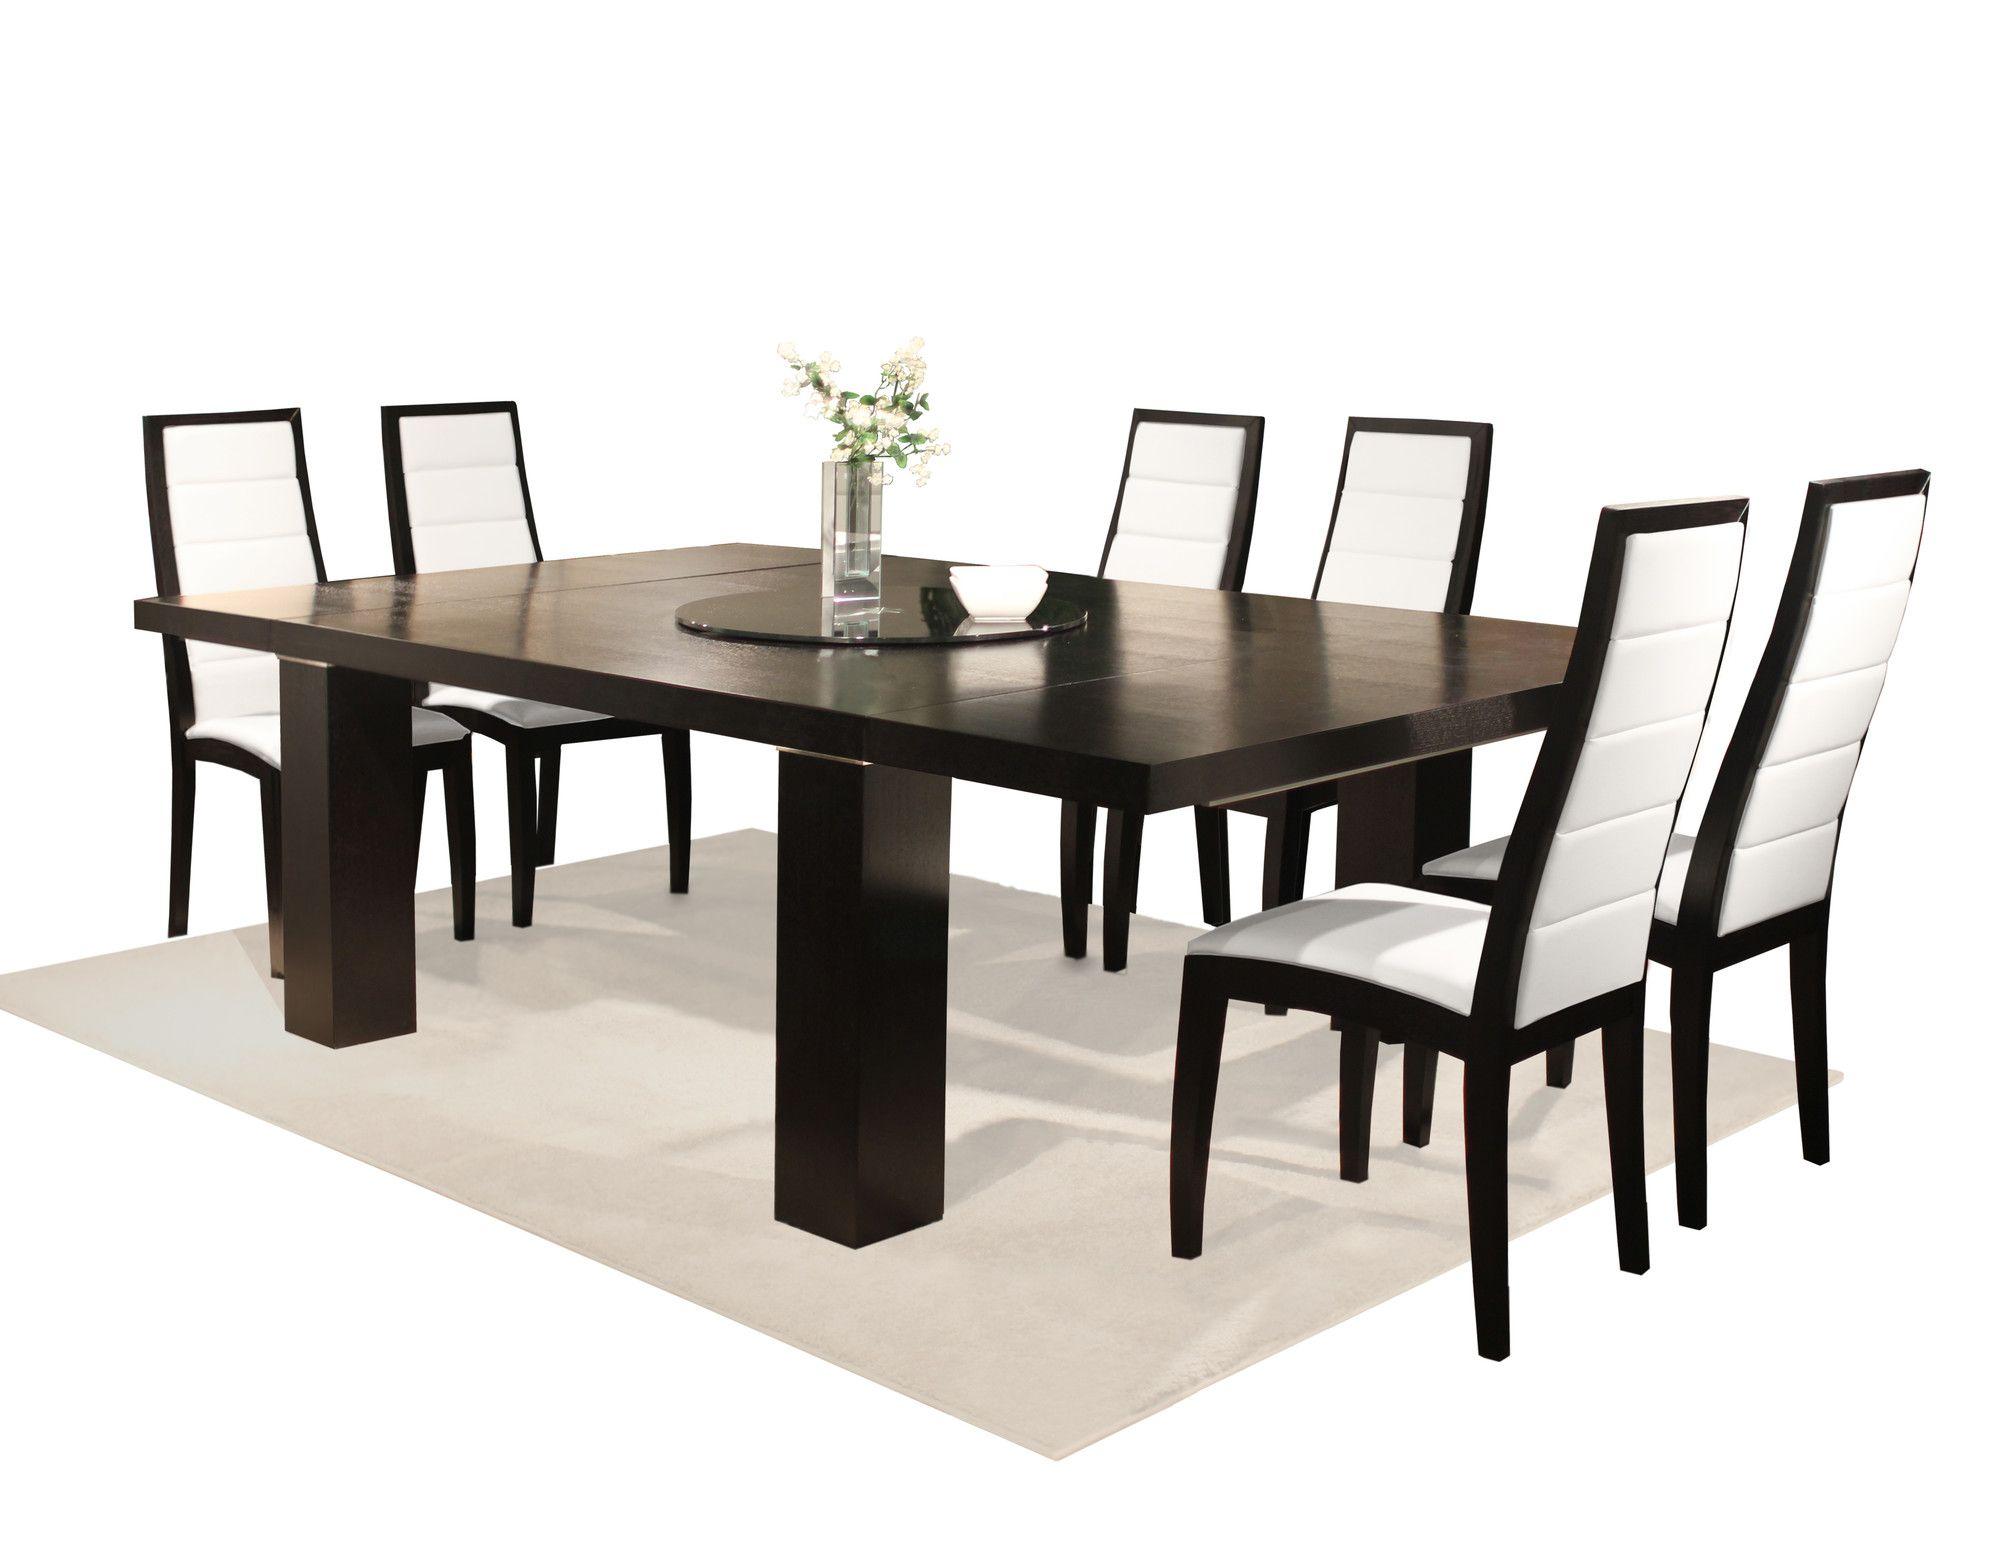 Merveilleux Jordan Dining Table | Wayfair